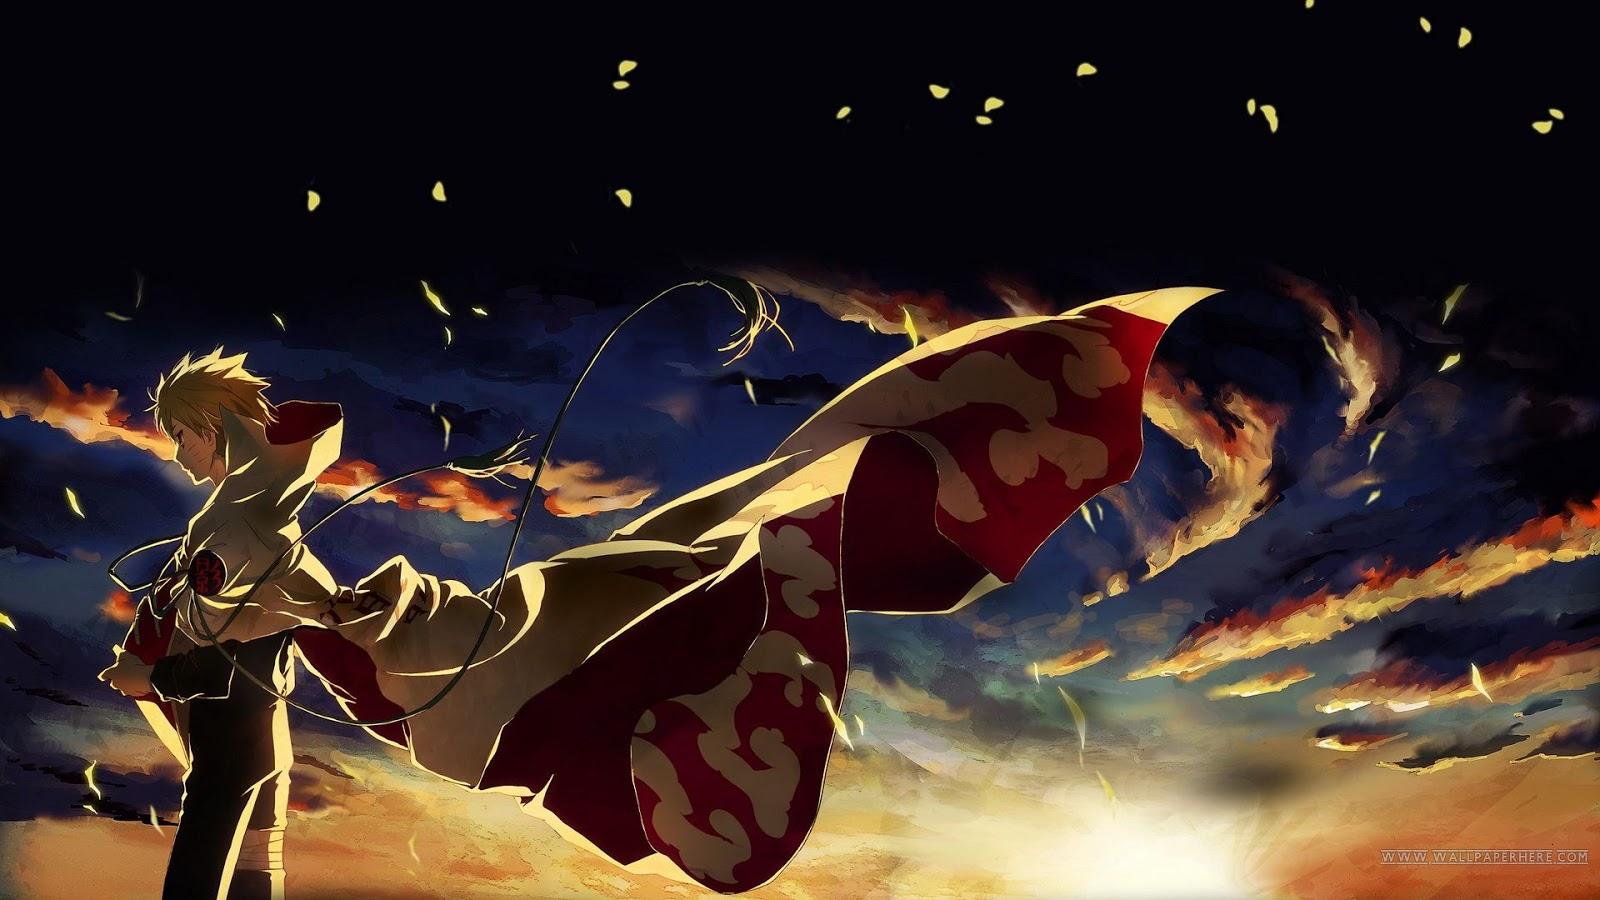 anime4filler: Naruto Shippuden Filler List